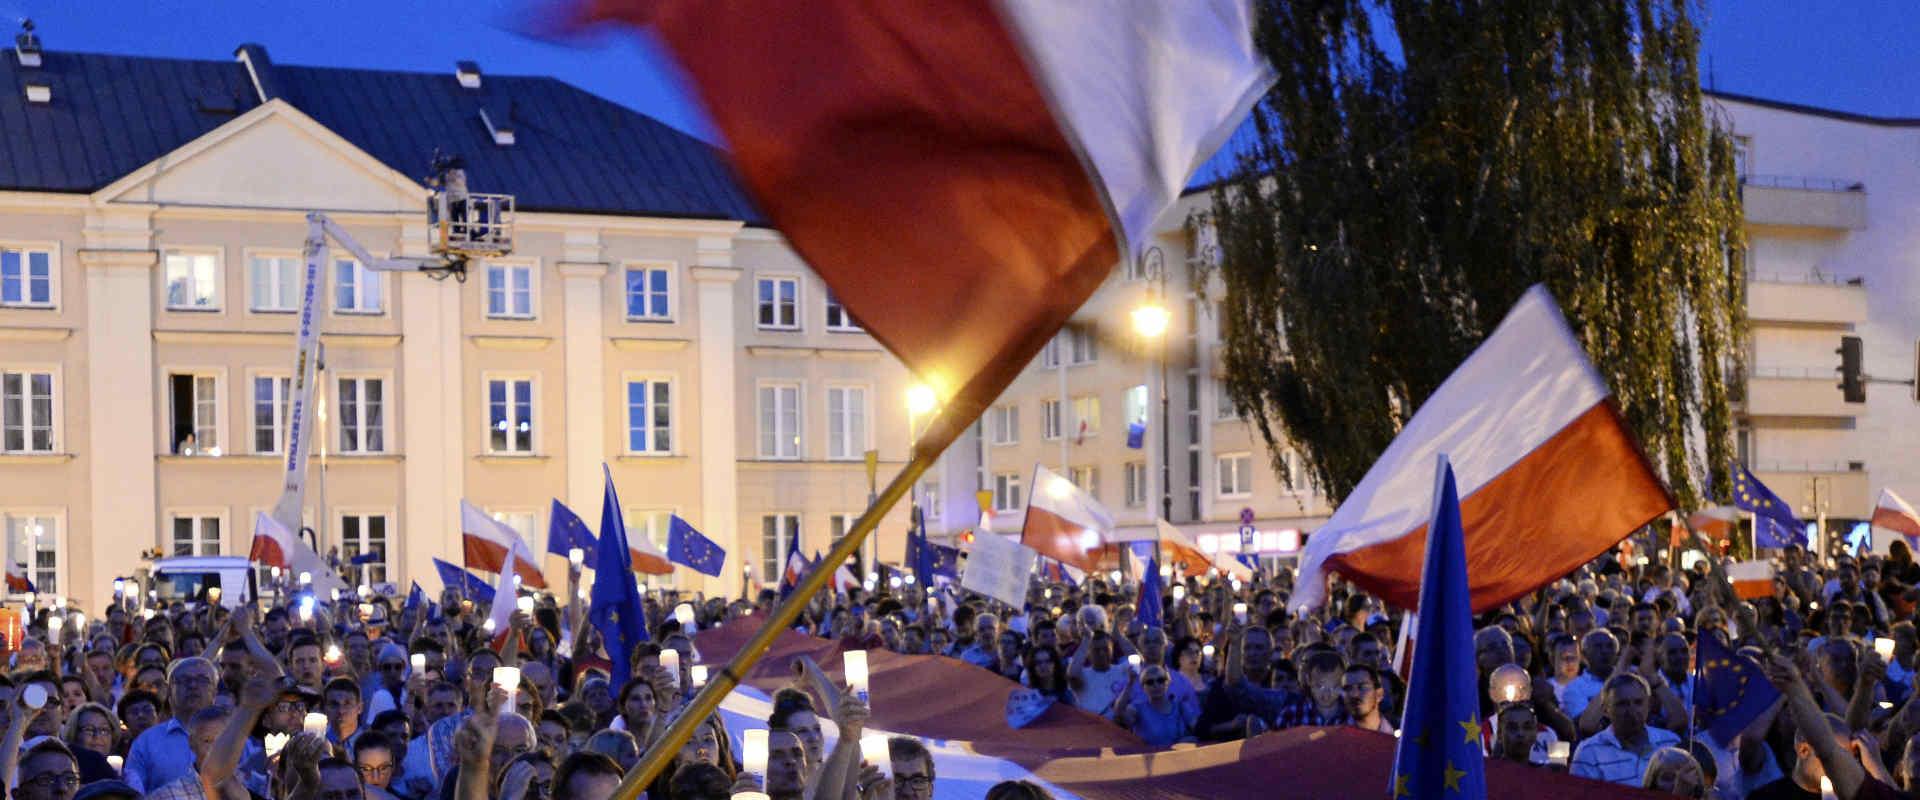 הפגנות המונים בפולין נגד הרפורמה בבתי המשפט